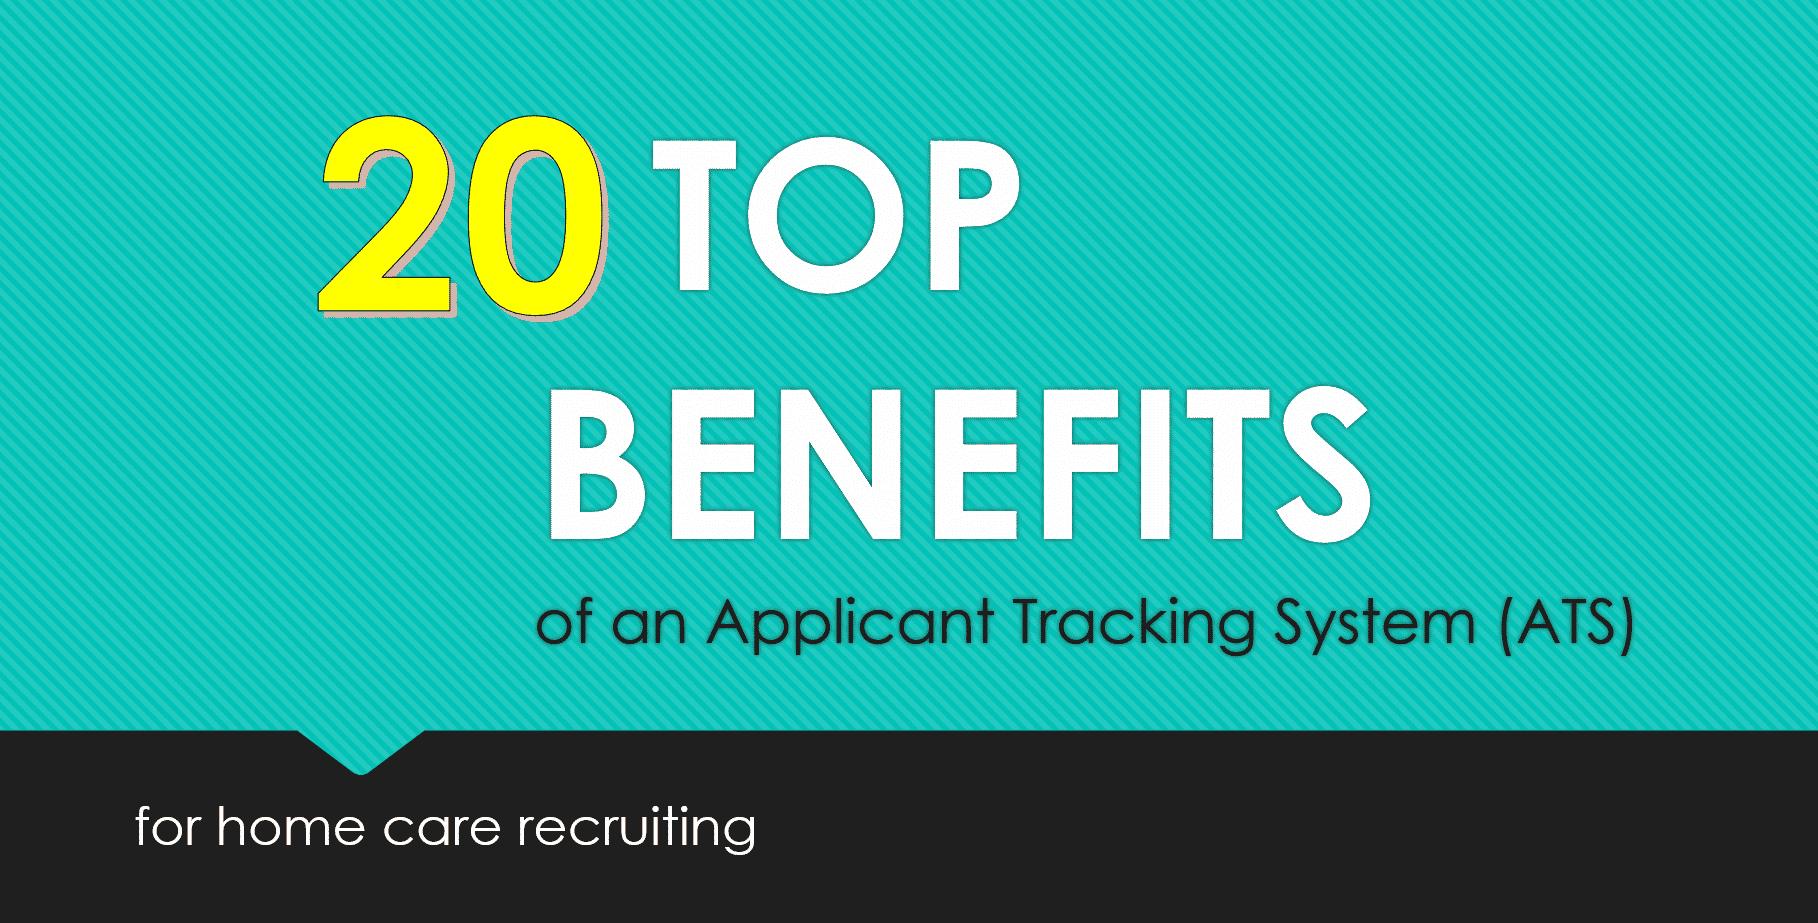 20 top benefits banner